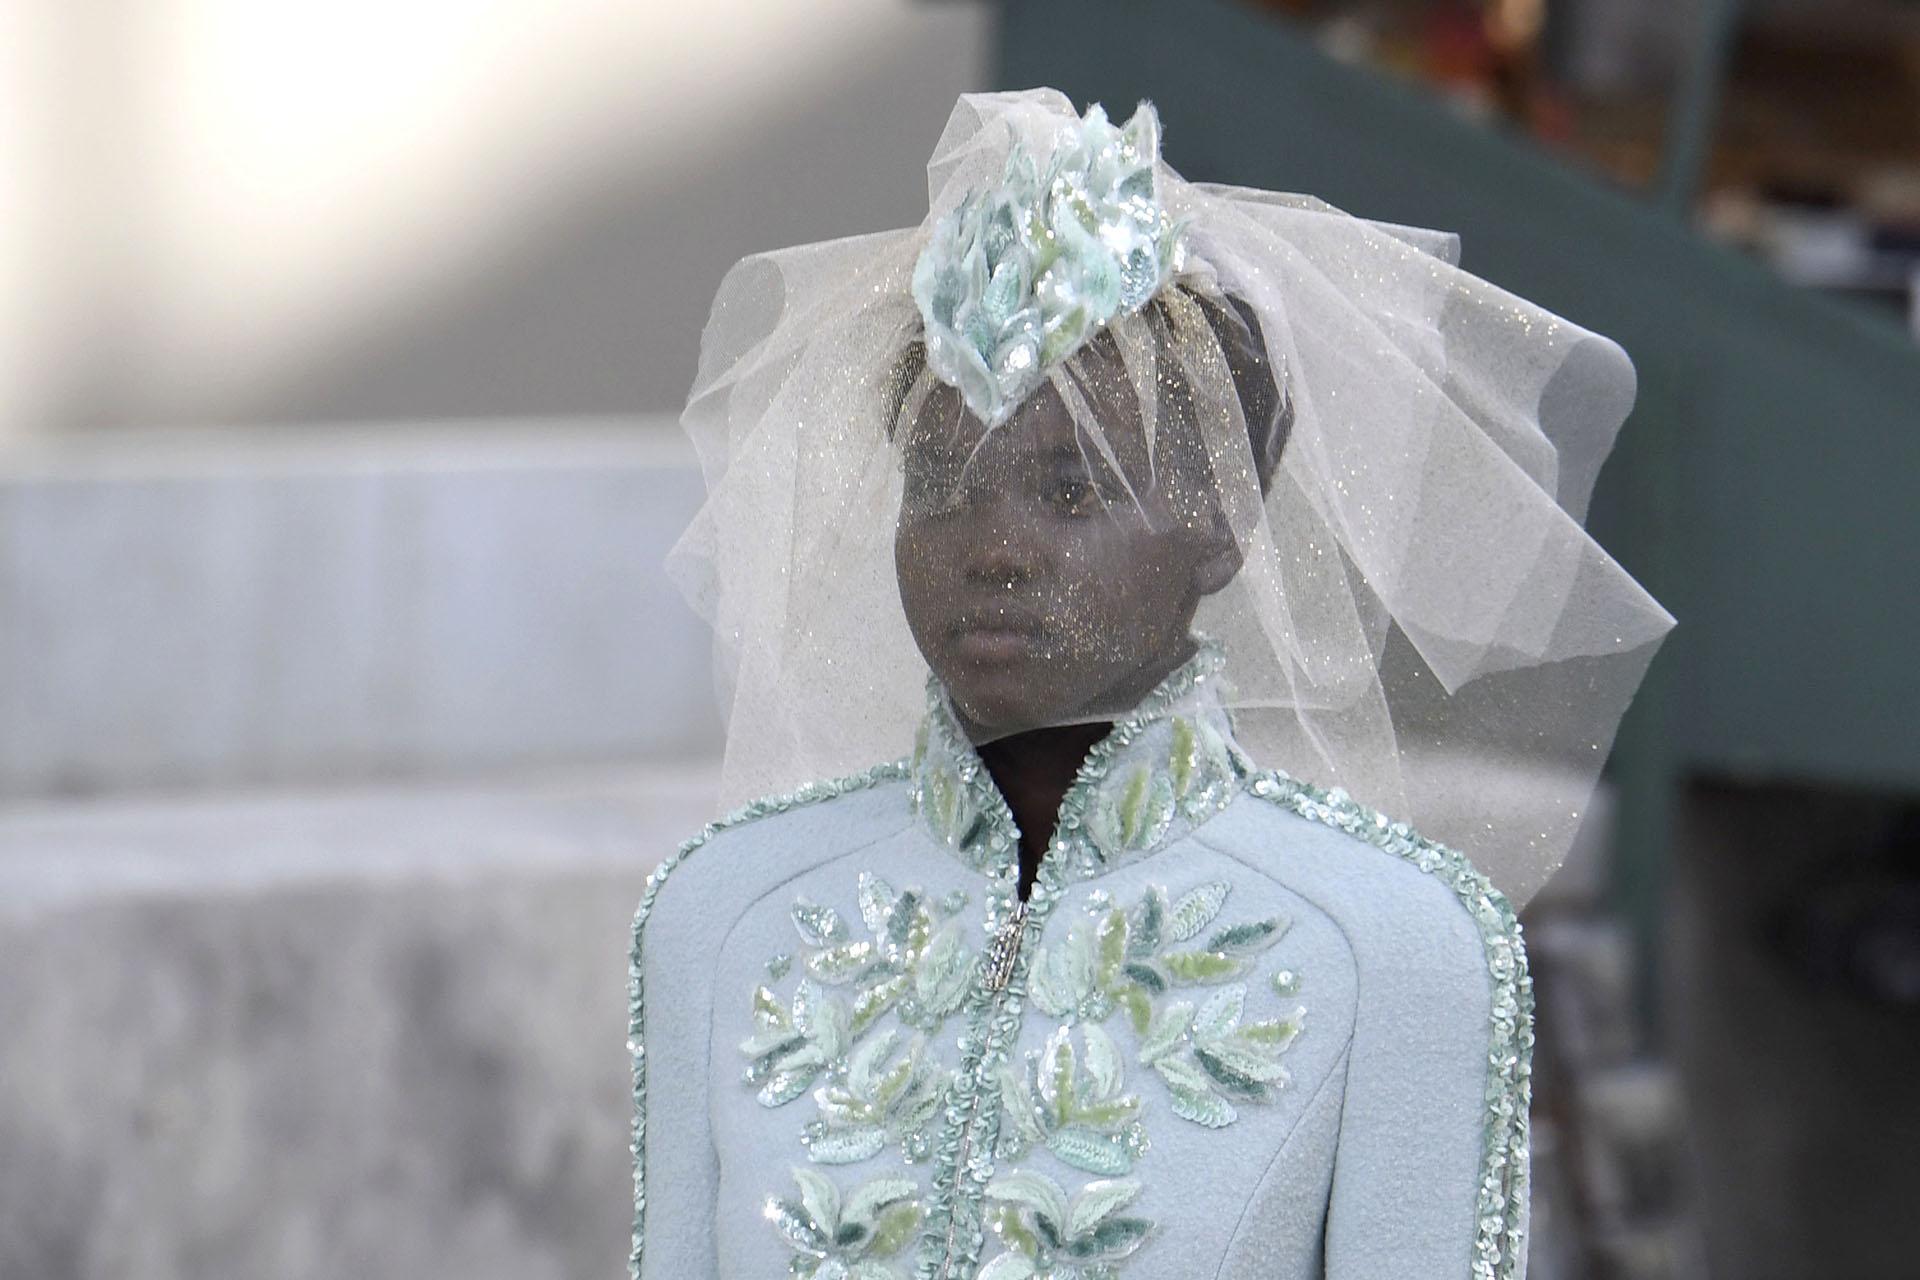 Adut Akech, la modelo sudafricana-australiana, estuvo presente en el desfile de Chanel y lució un diseño de chaqueta de paño con detalles únicos de bordados en tonos celeste hielo y verdes. Los tocados de la colección presentada por Karl Lagerfeld llamaron la atención por la originalidad y la perfecta combinación con los equipos